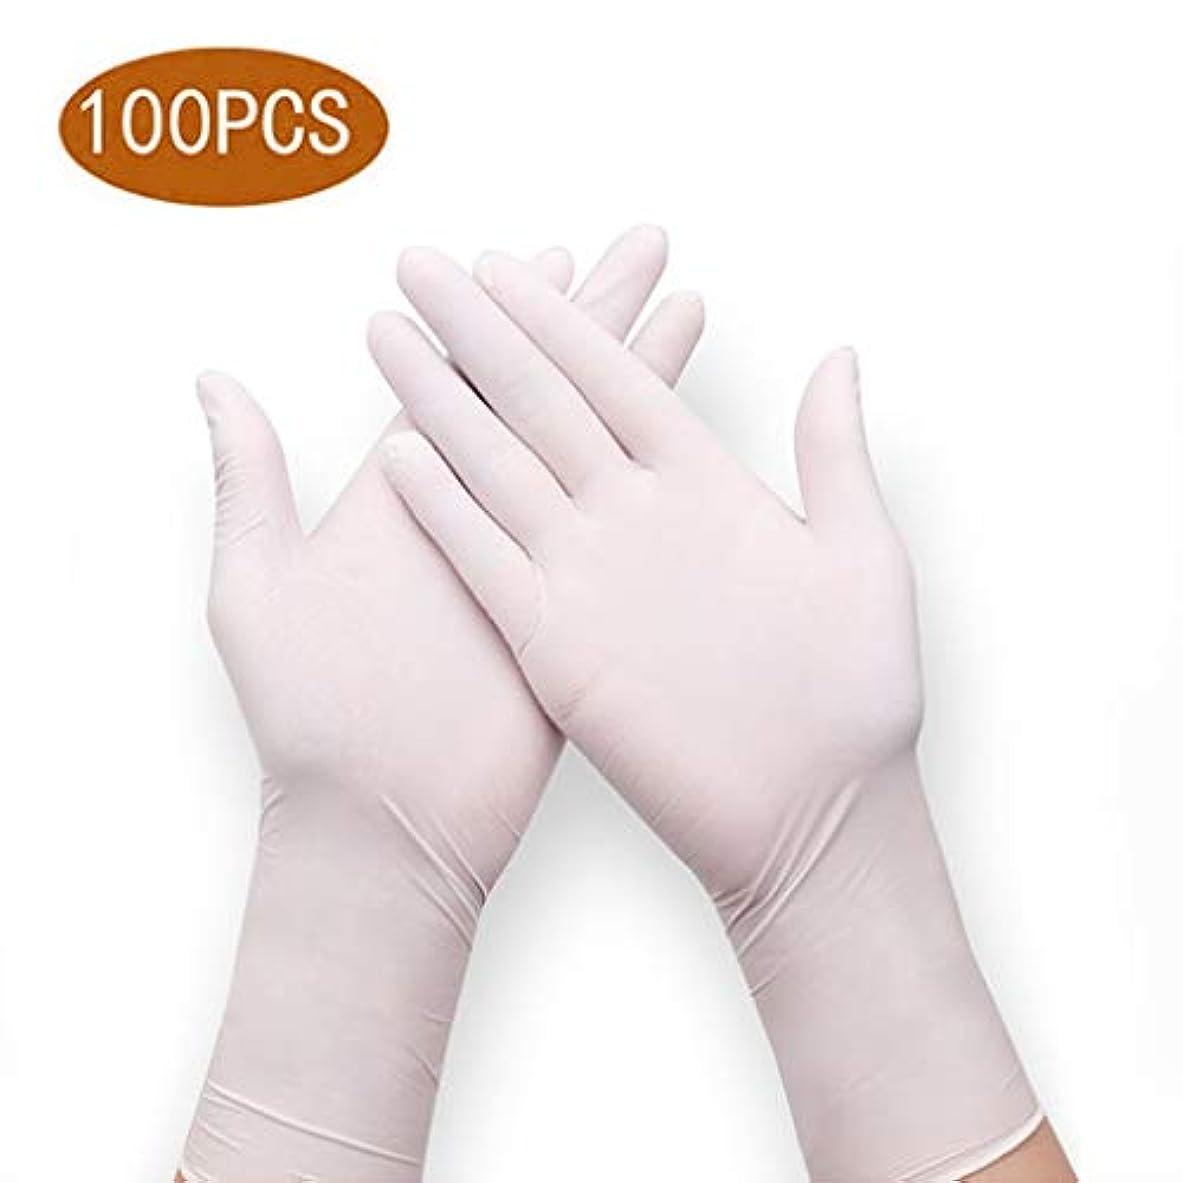 ピンチわかる貫通ニトリル手袋ビニール試験使い捨て手袋-家庭用の毎日の台所の洗浄と延長、6ミル、ゴム労働保護美容院ラテックスフリー、パウダーフリー、両手利き、100個 (Size : M)